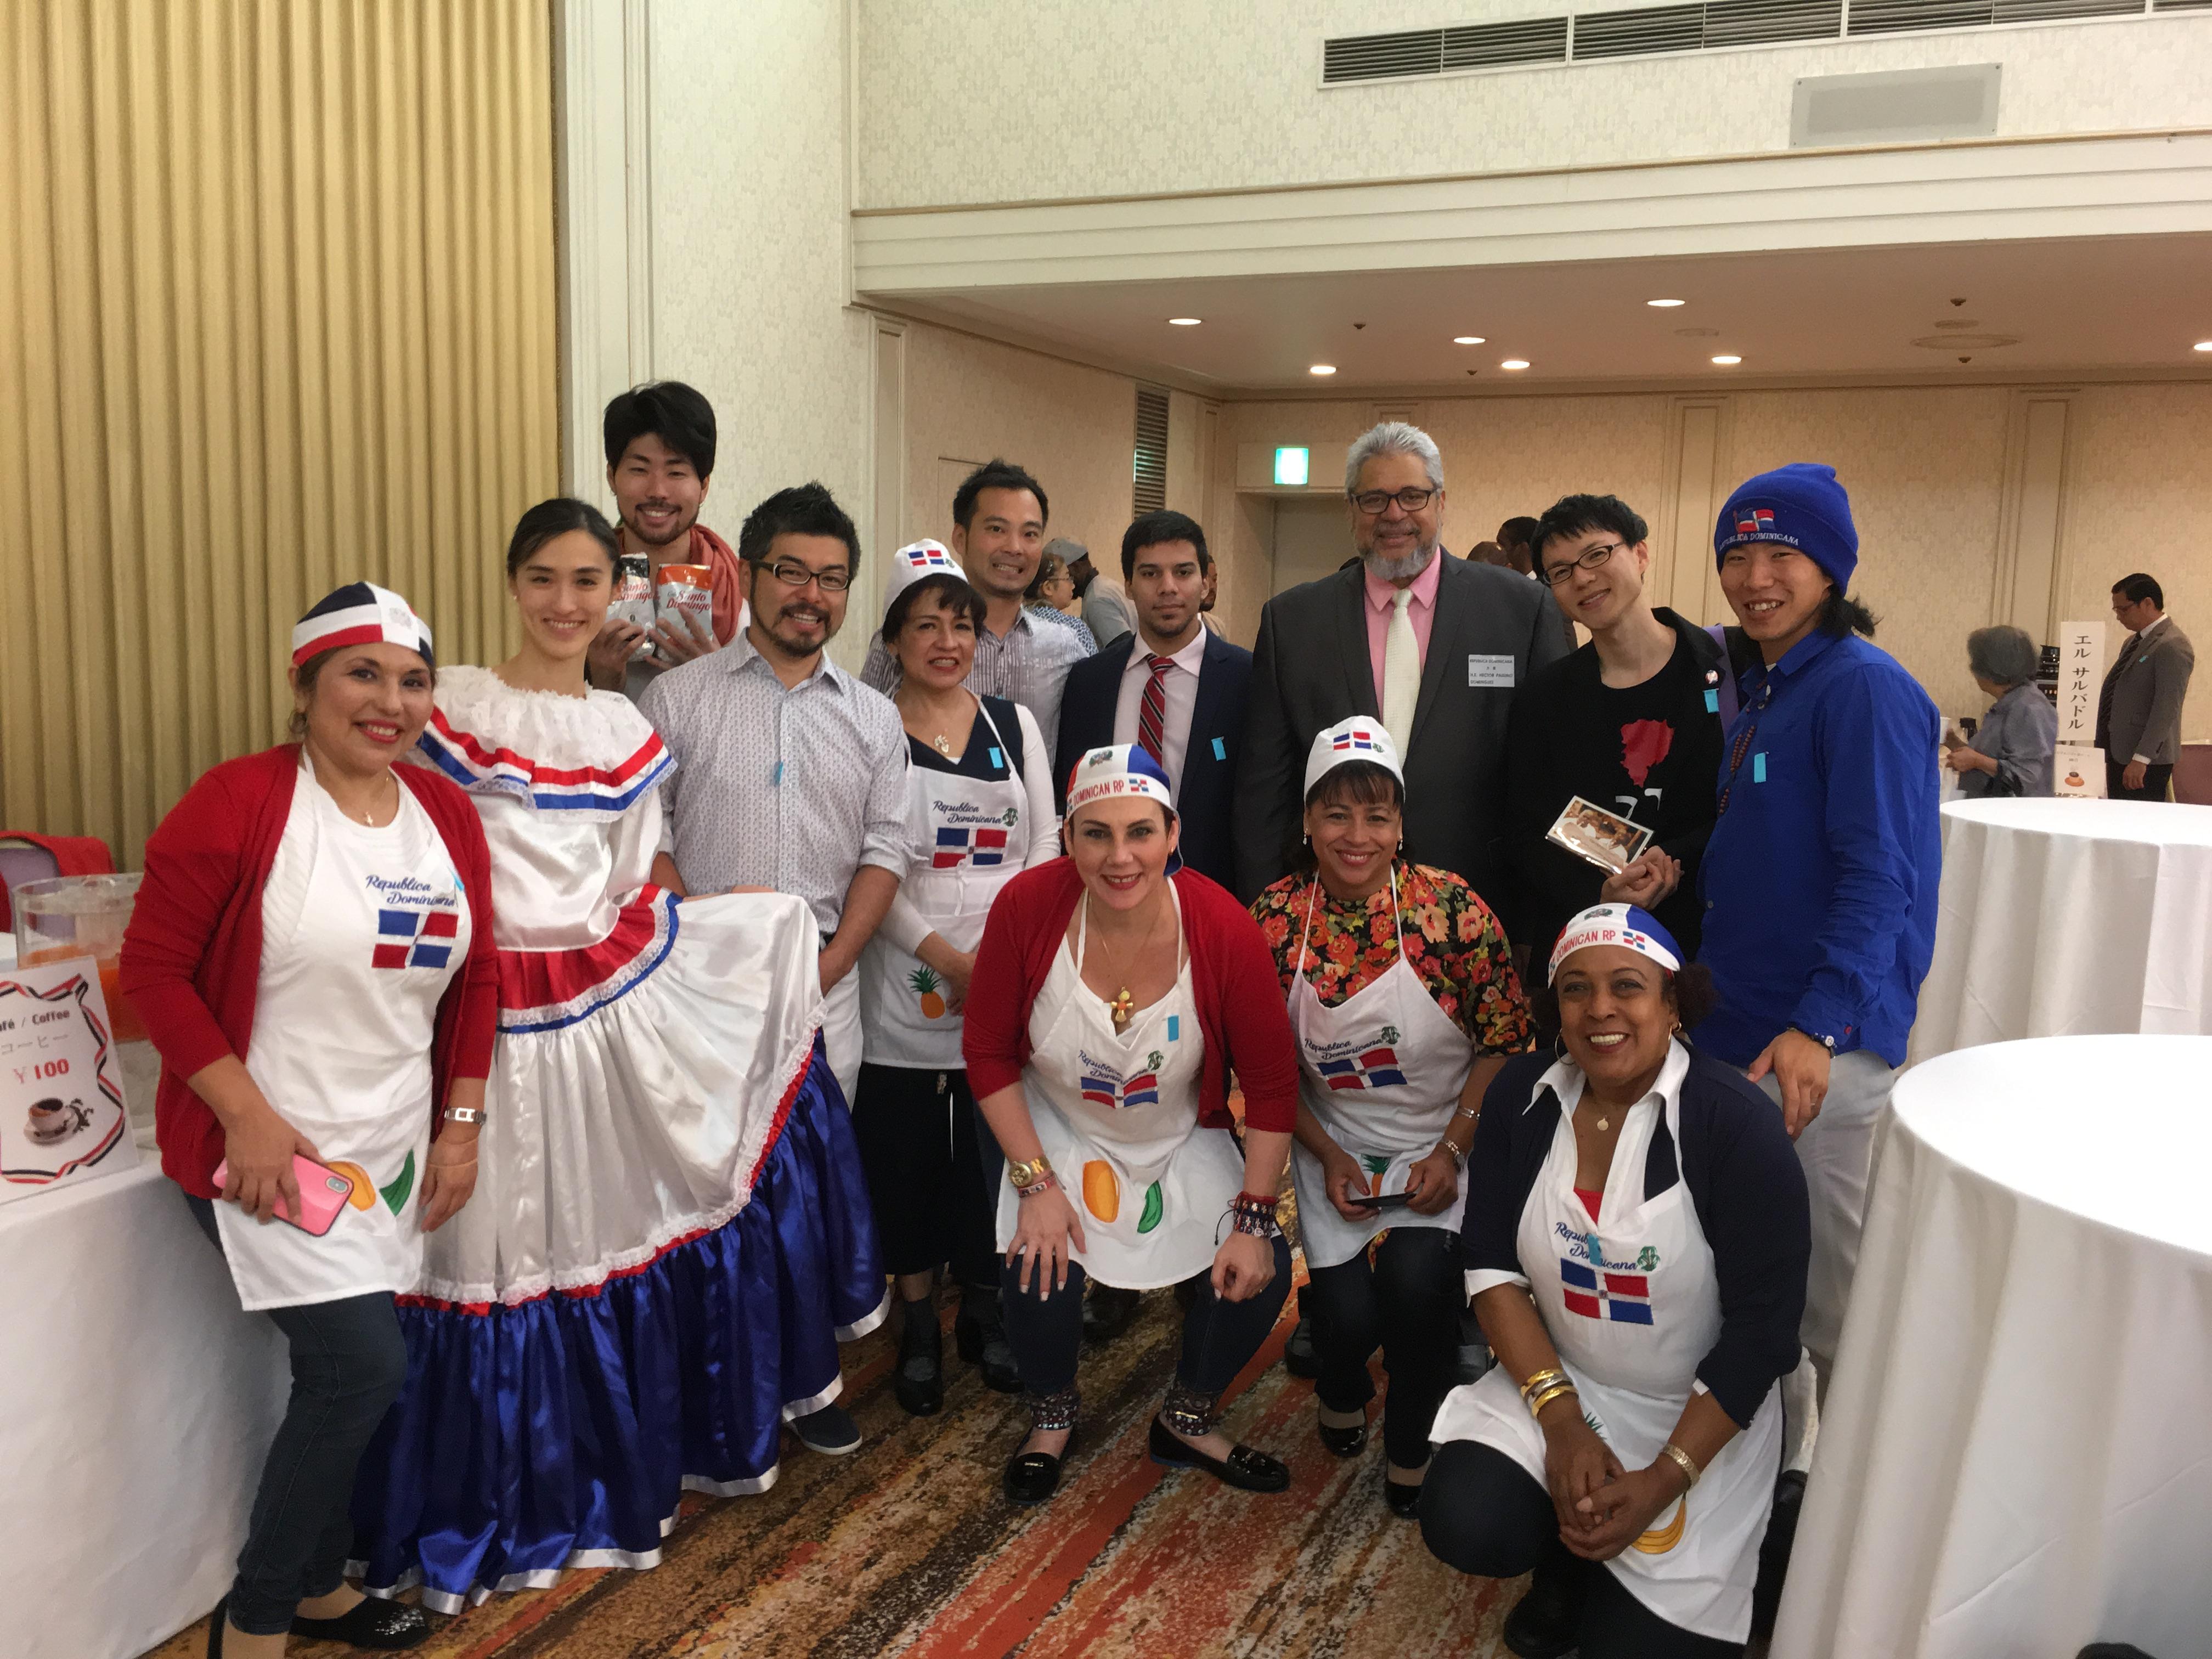 フェスティバル・ラティノアメリカーノ2018に参加しました! (Festival Latinoamericano y del Caribe 2018)